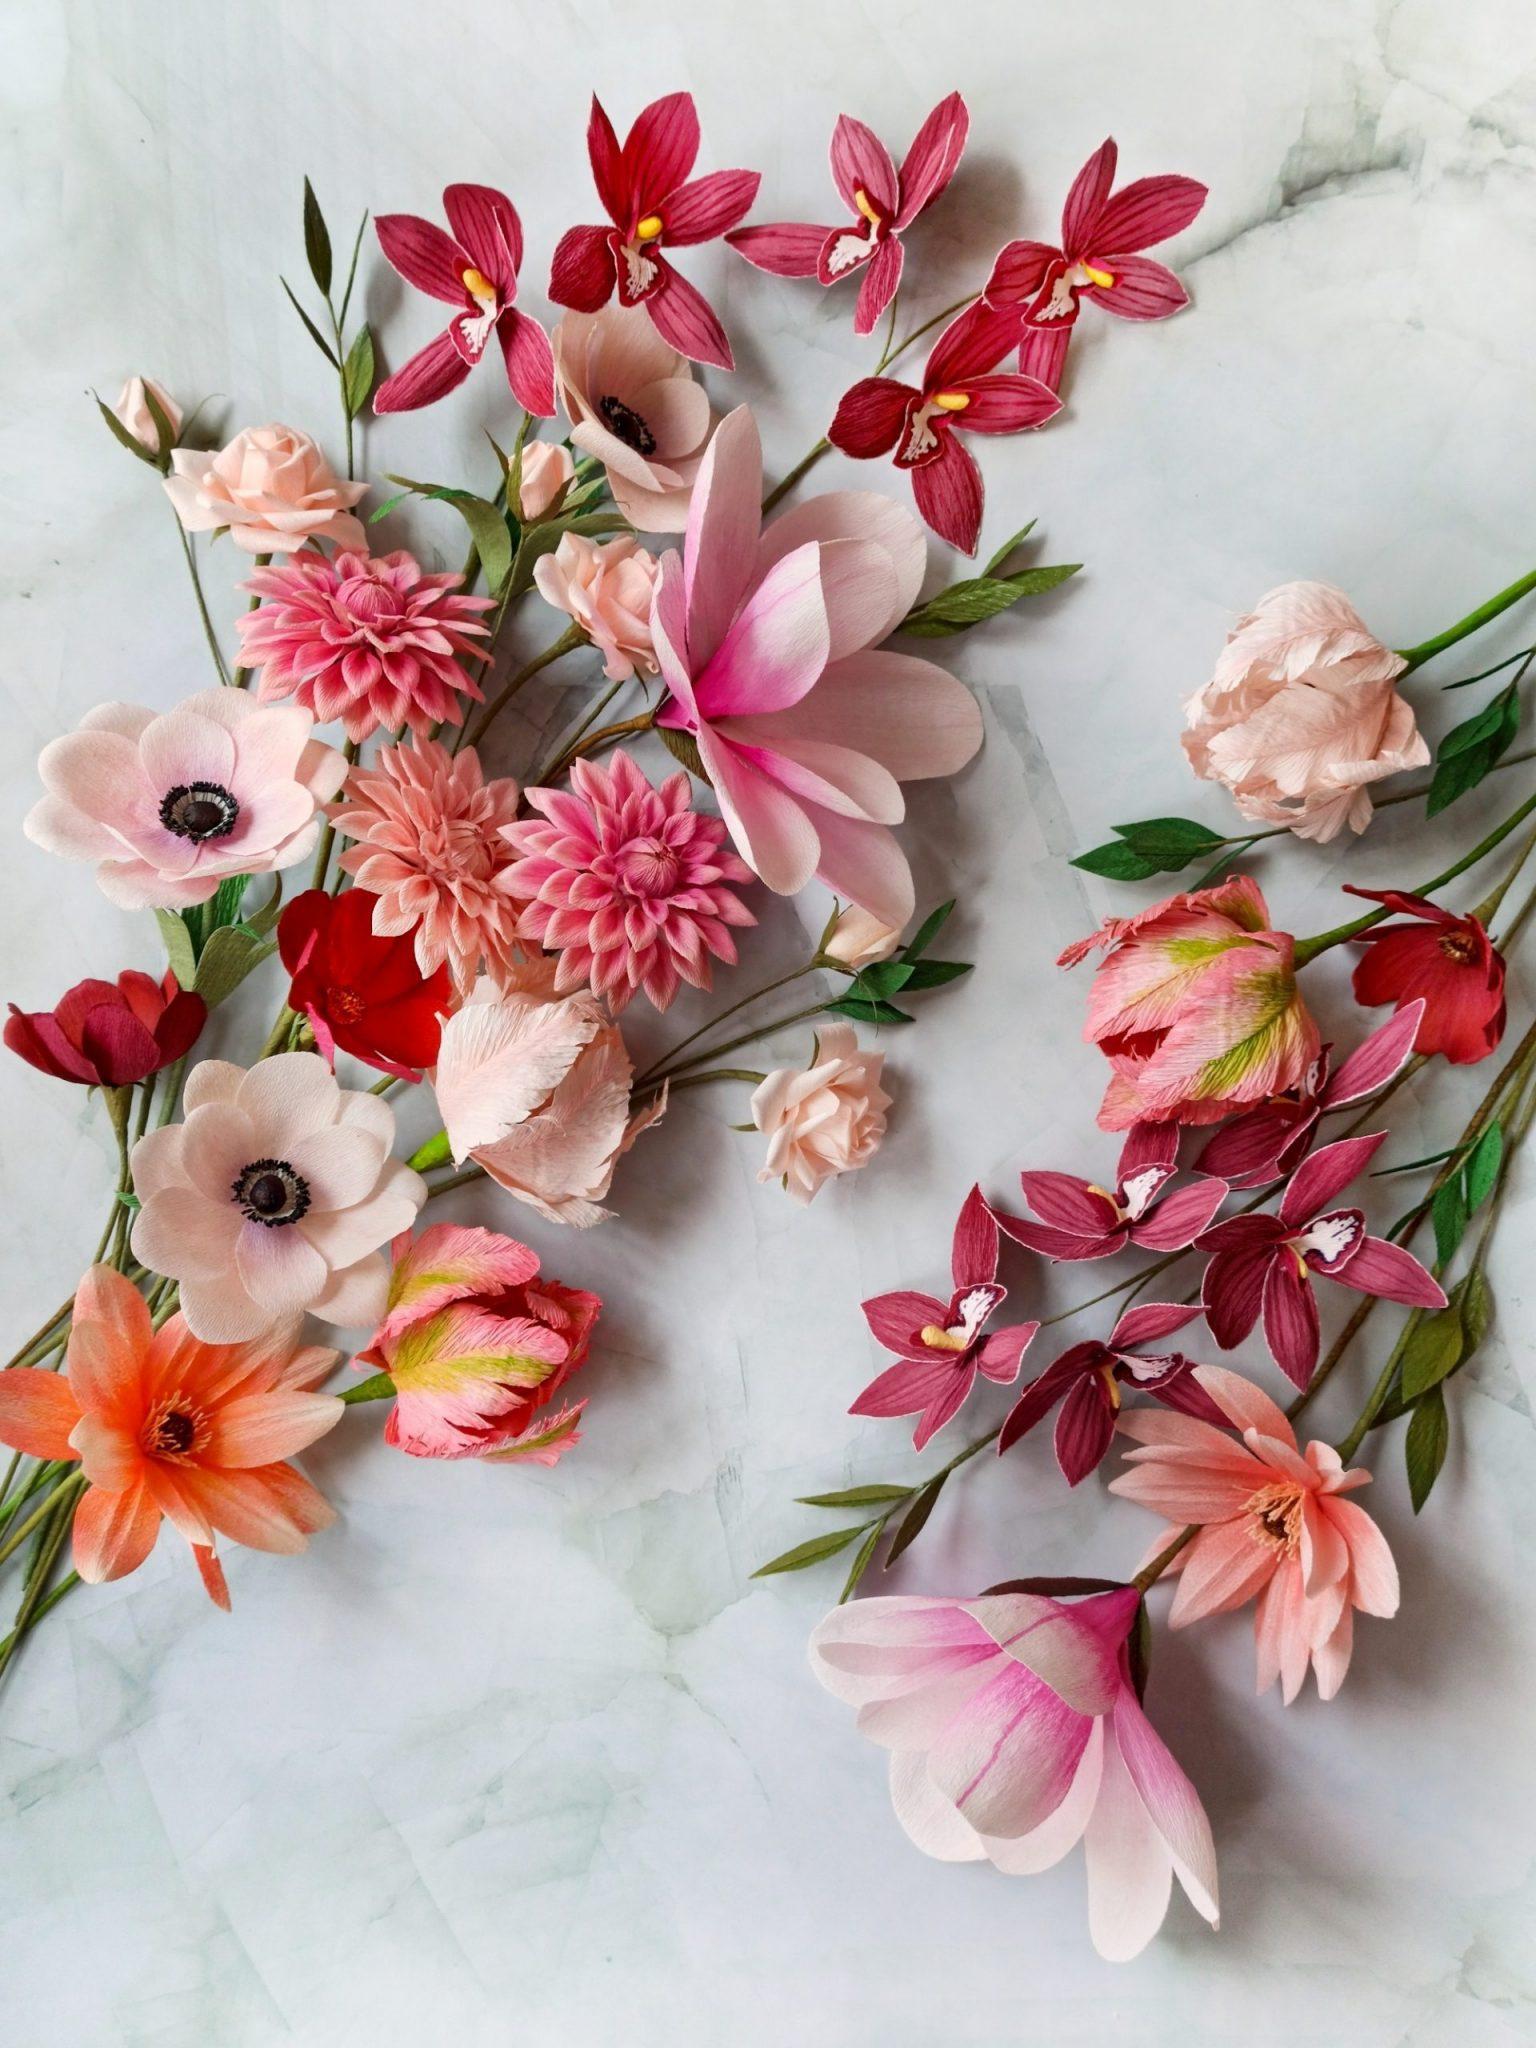 flores de papel crepé, ramo de novia de papel, ramo alternativo con flores realistas artificiales de papel